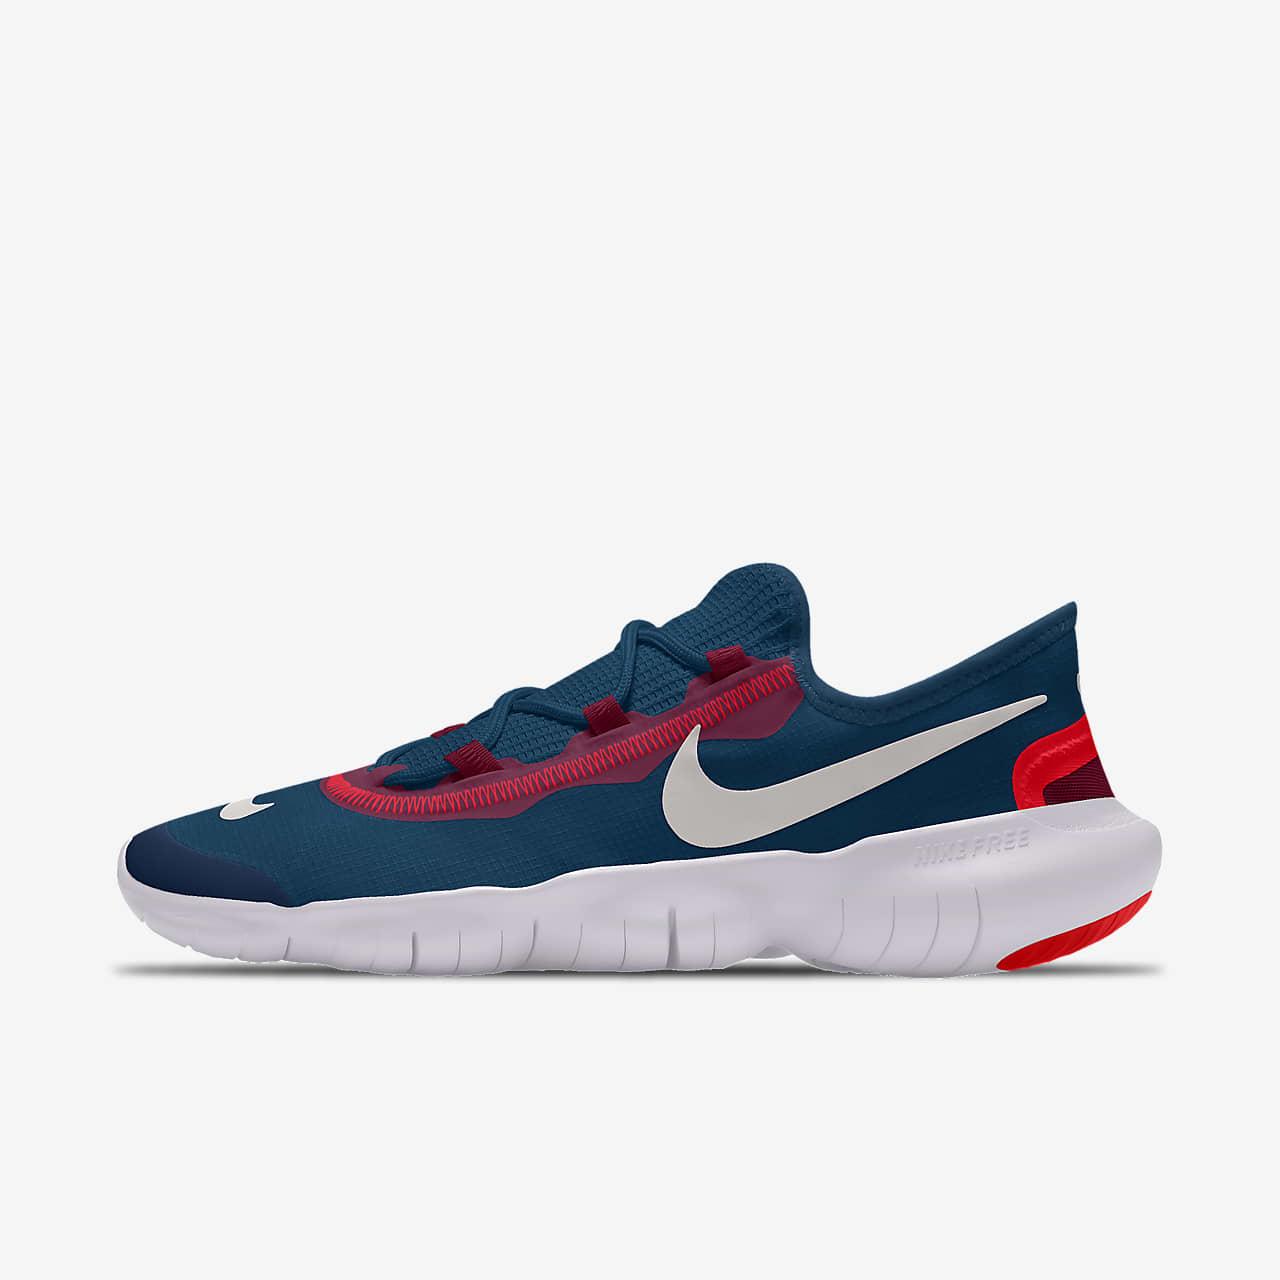 A tiempo Aspirar Experimentar  Calzado de running para mujer personalizado Nike Free RN 5.0 By You. Nike .com